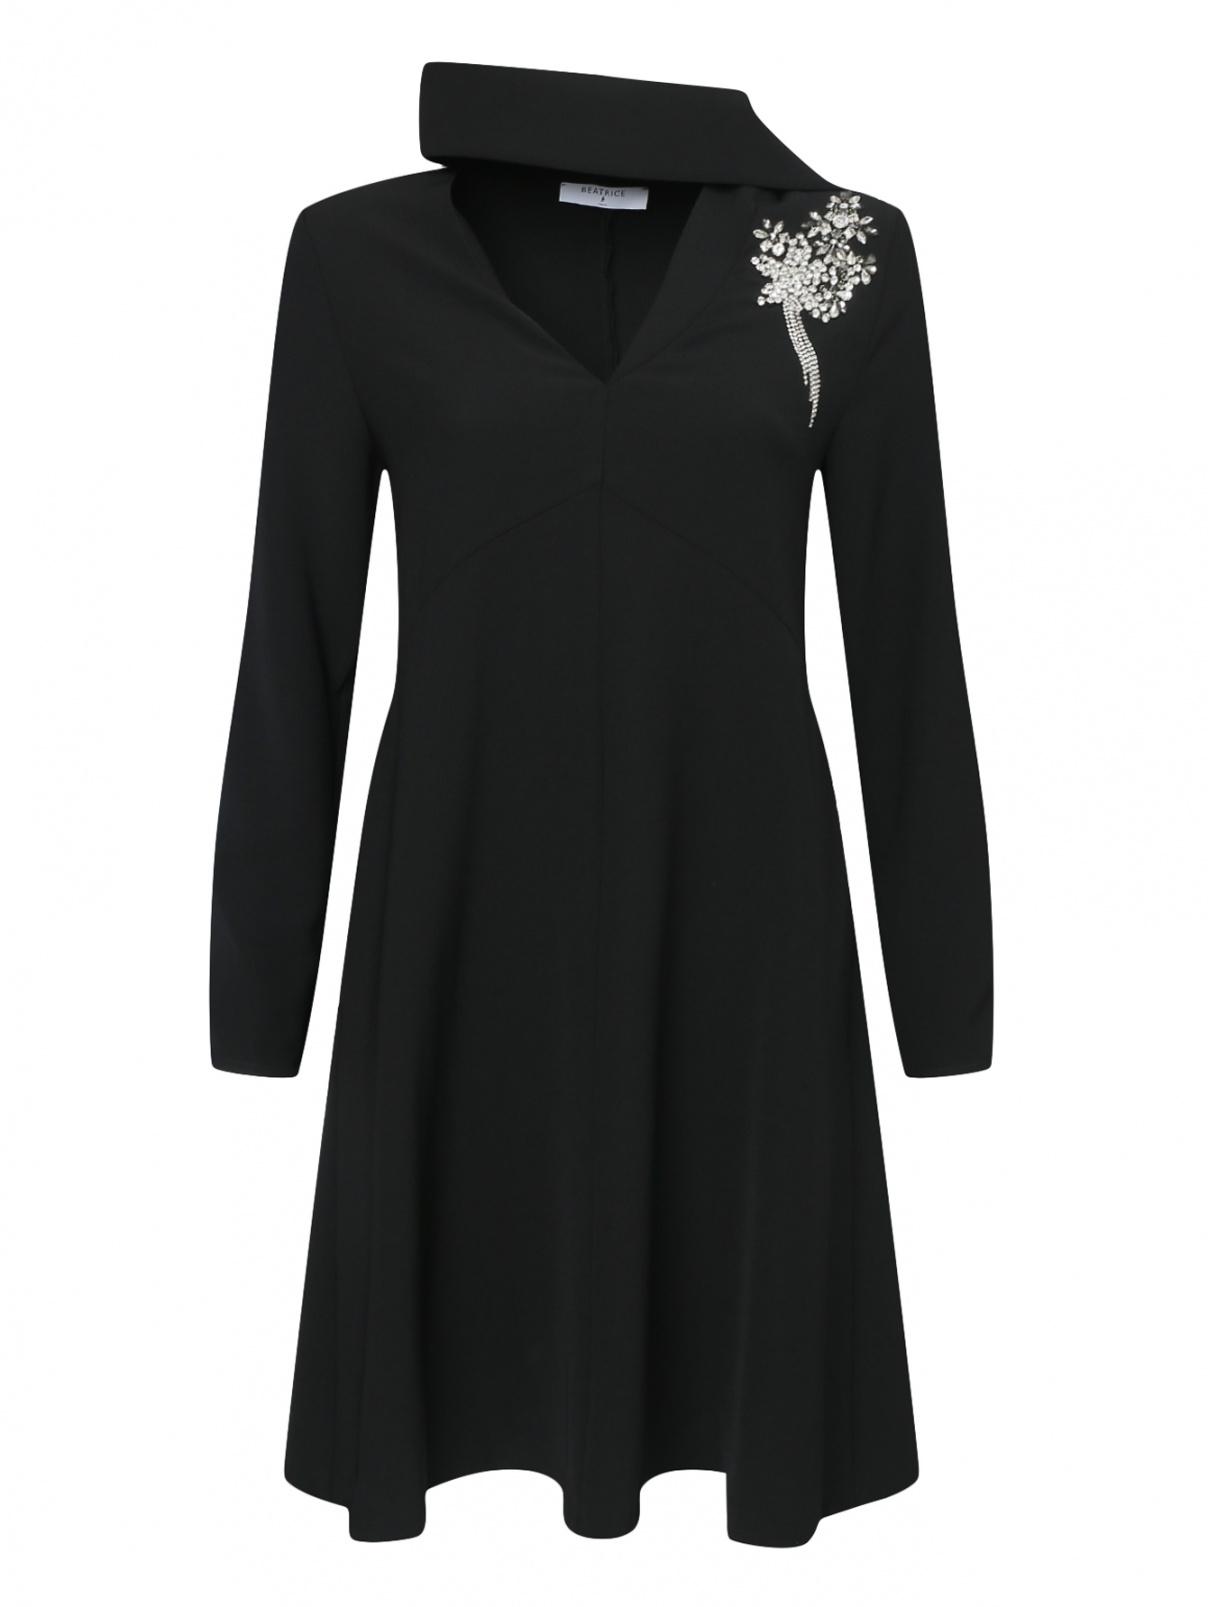 Платье-мини декорированное кристаллами Beatrice  –  Общий вид  – Цвет:  Черный